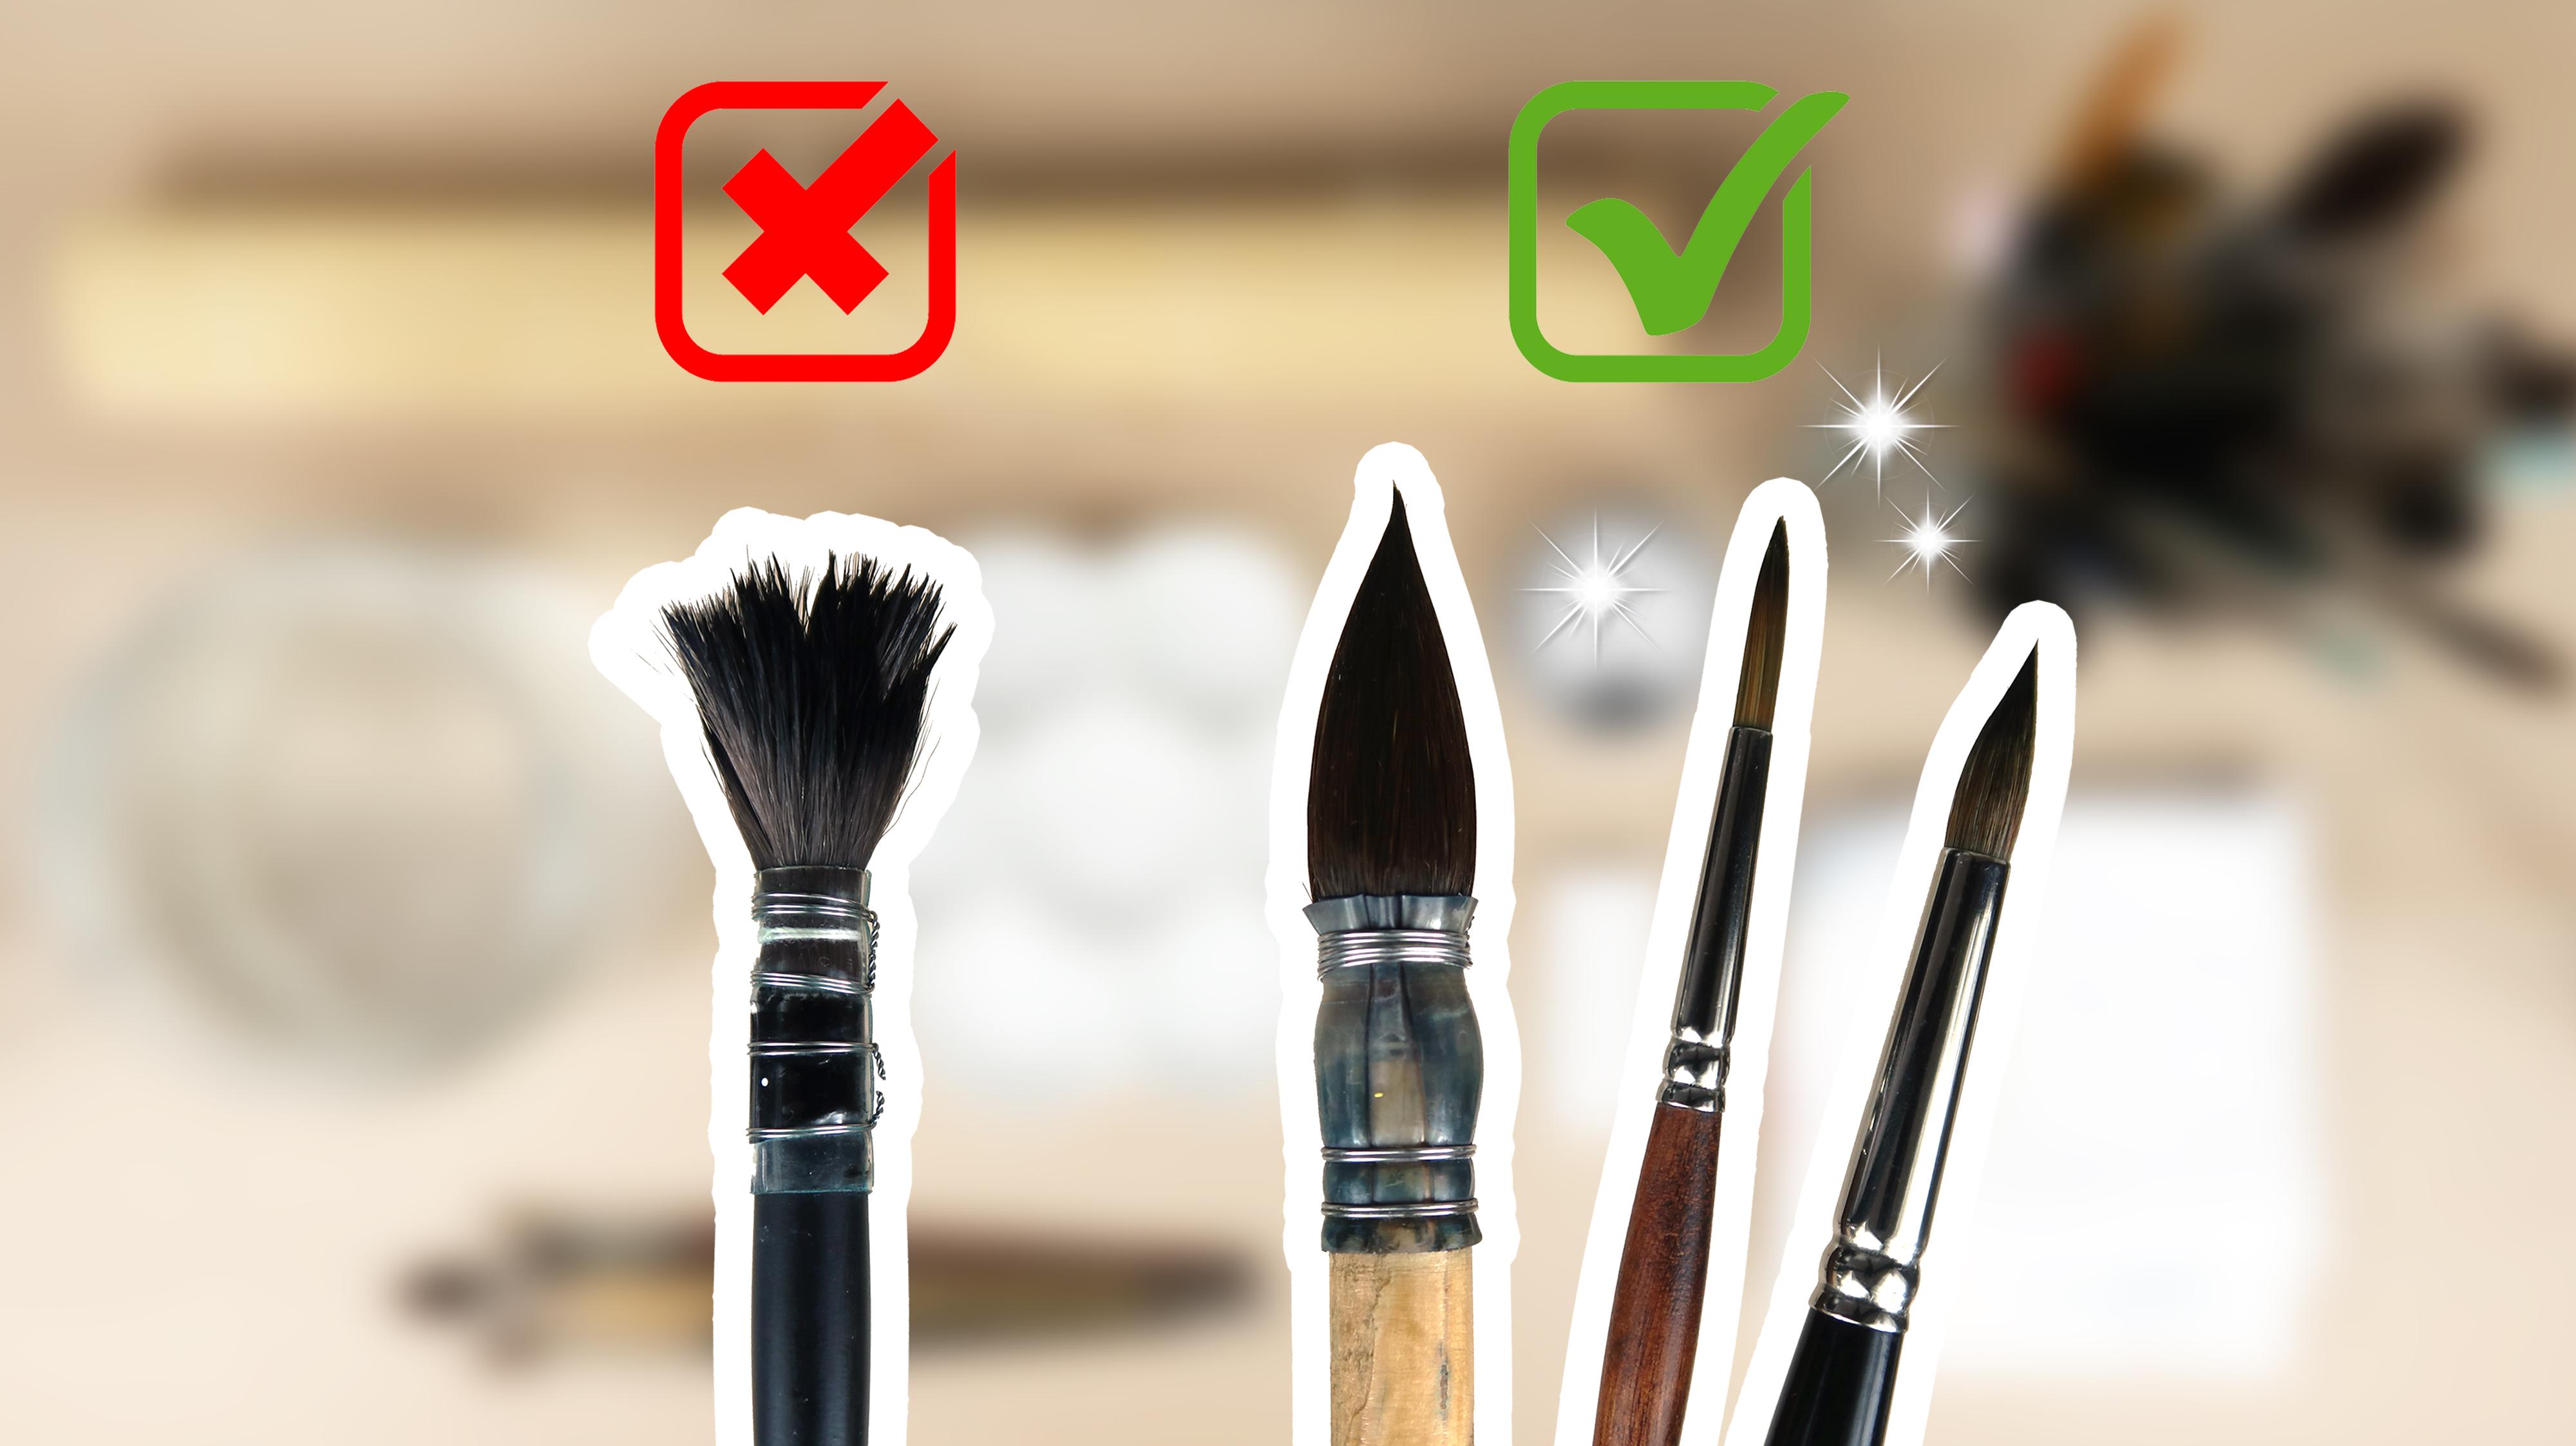 Comment bien nettoyer ses pinceaux d'aquarelle?